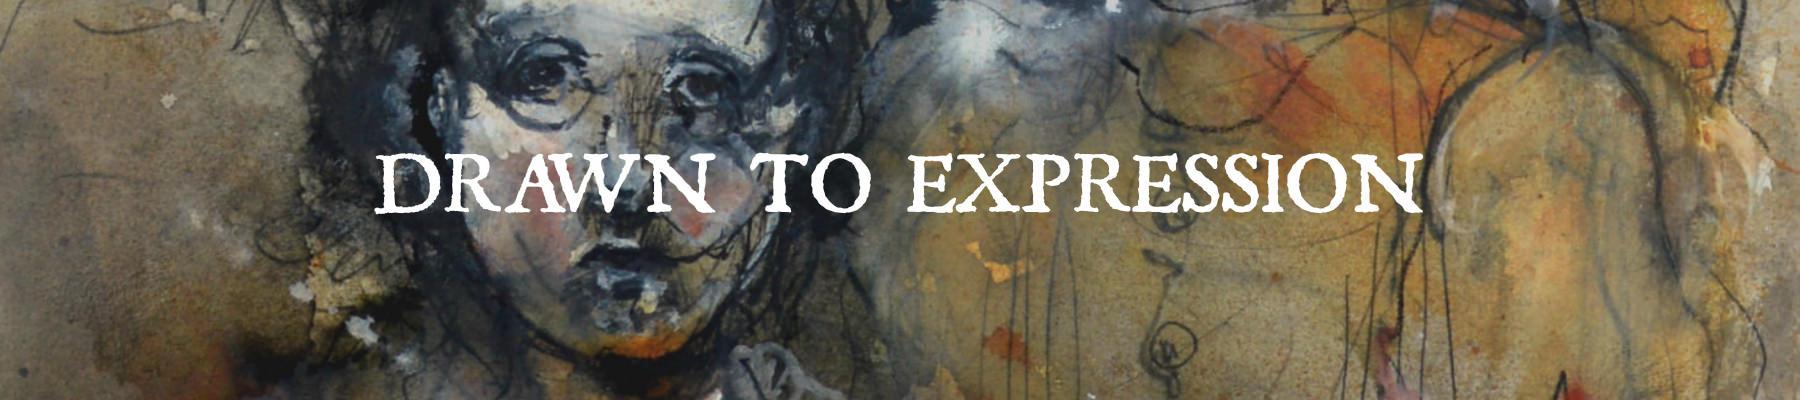 Gillian Lee Smith Drawn to Expression Ecourse